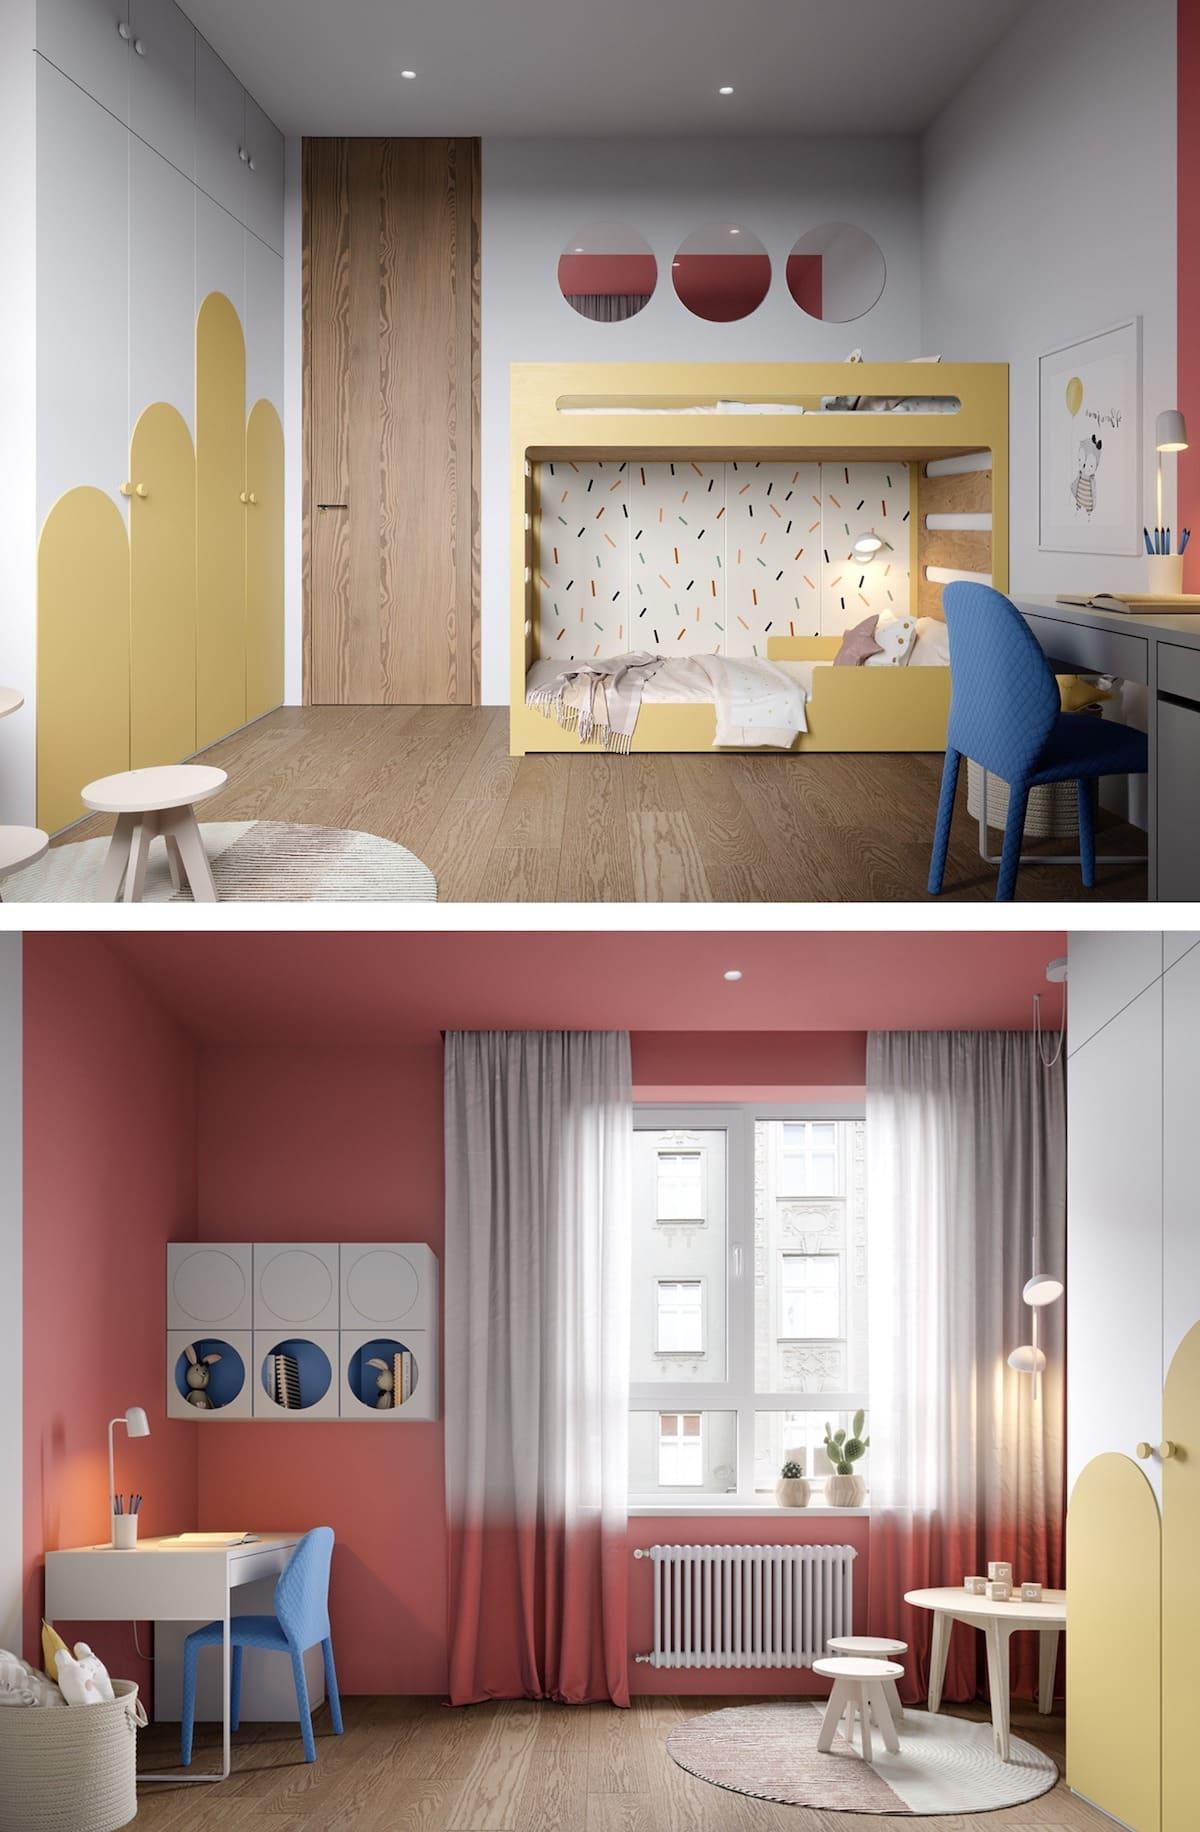 Aménagement d'une chambre d'enfant photo 9